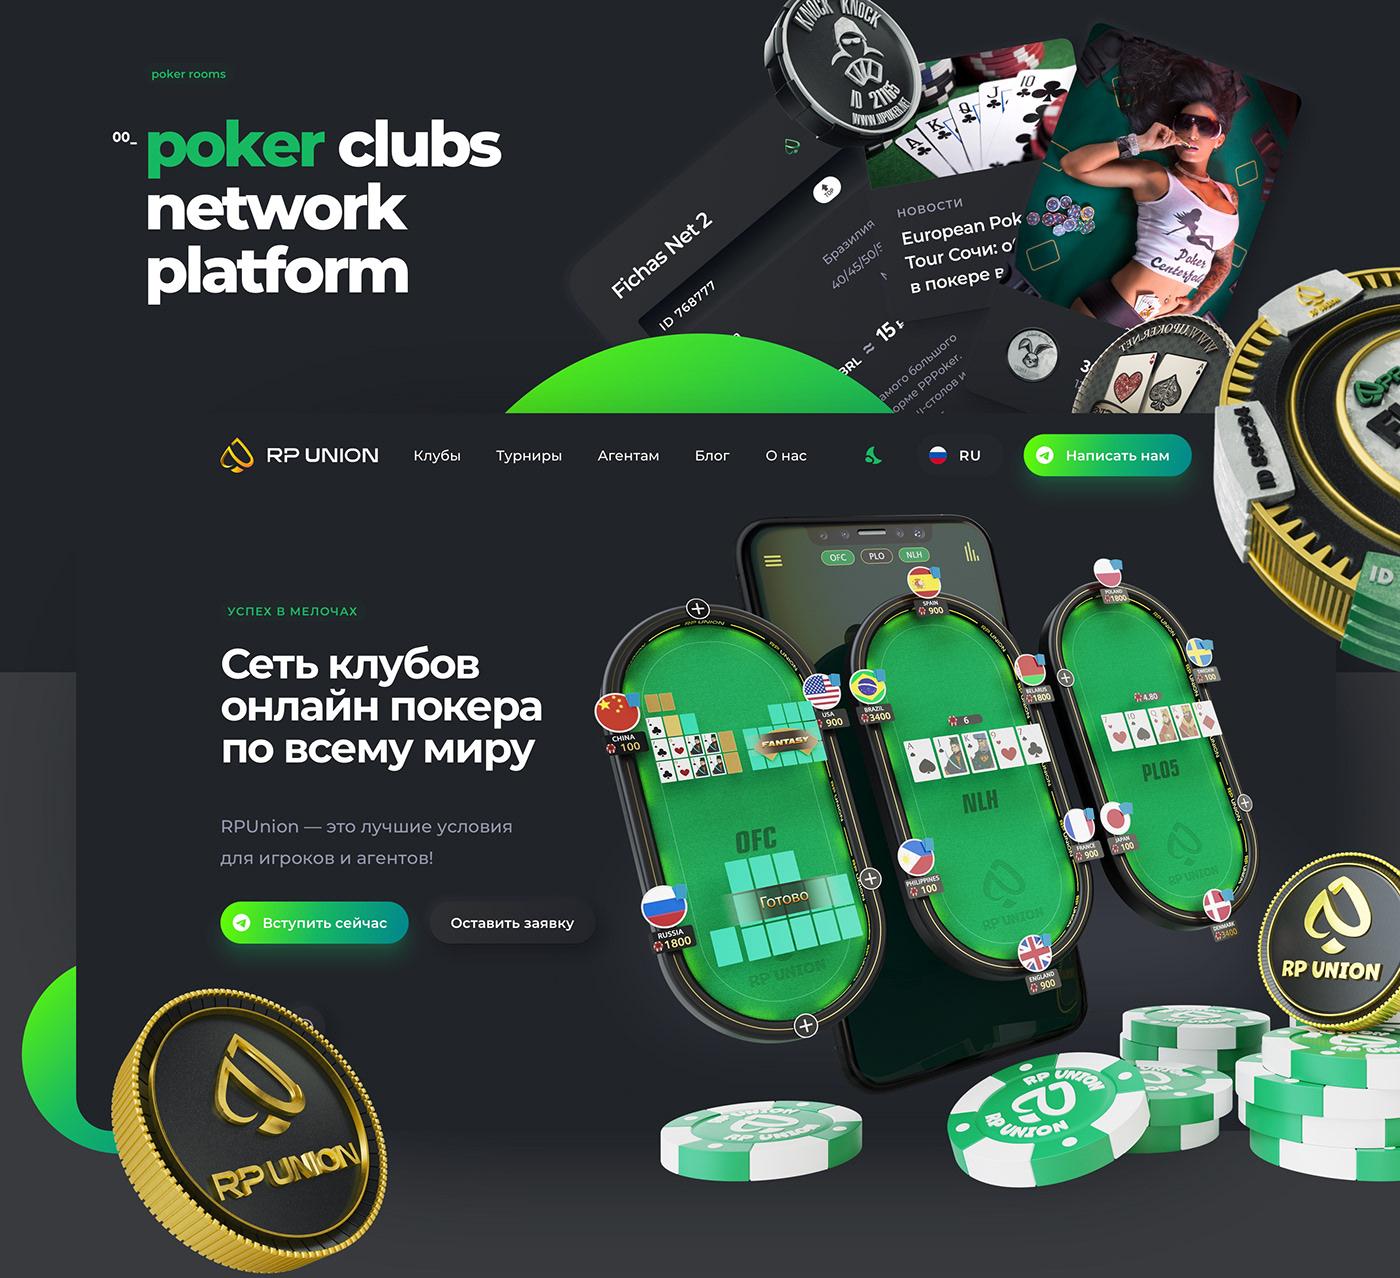 bets casino dice gambling game Gaming Interface Poker Poker Club ui design